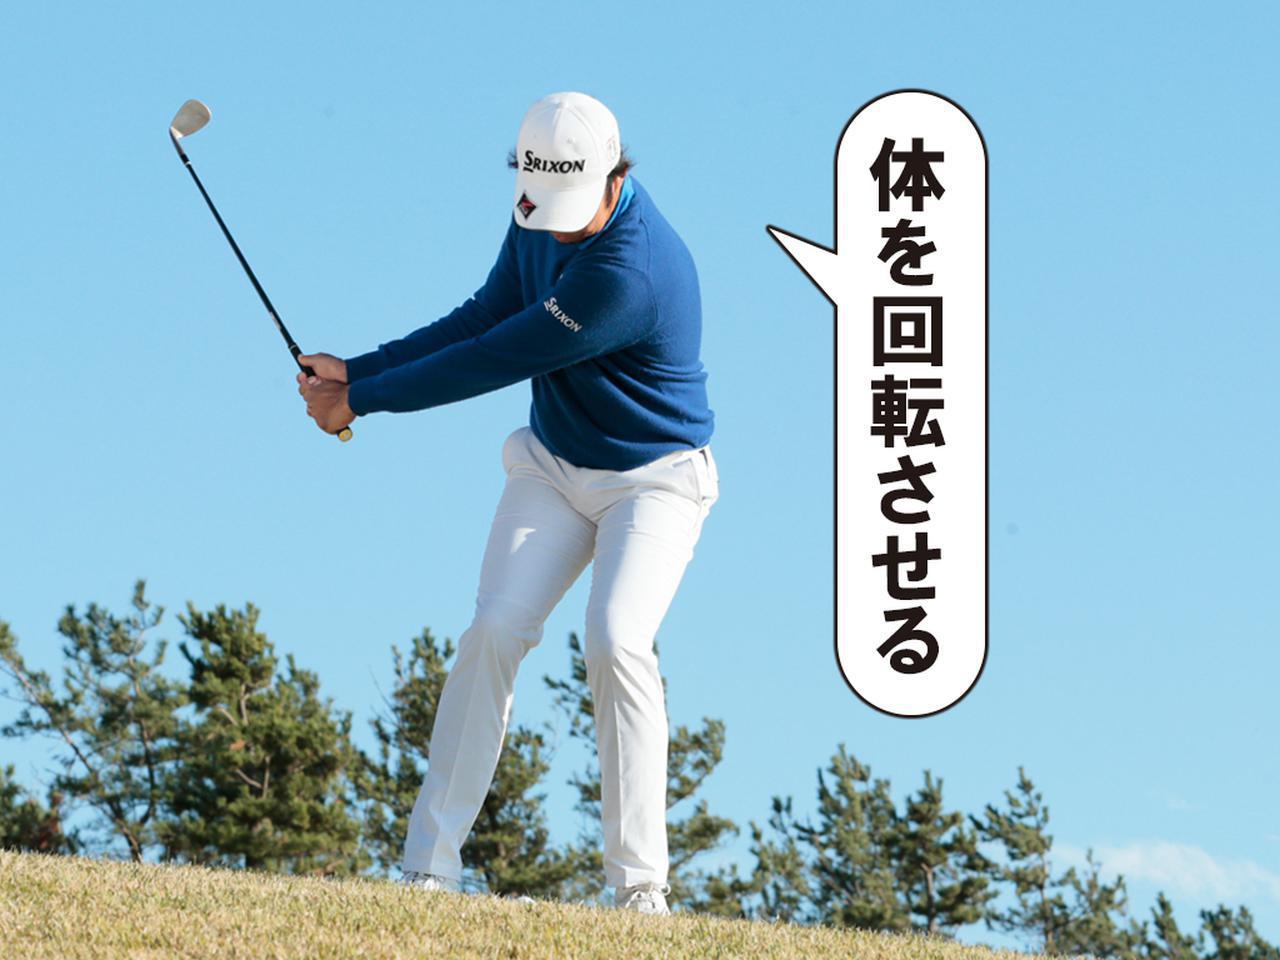 画像1: 【アプローチ】グリーン奥の困った状況から一発解決! いちばん寄る、左足下がりアプローチの打ち方